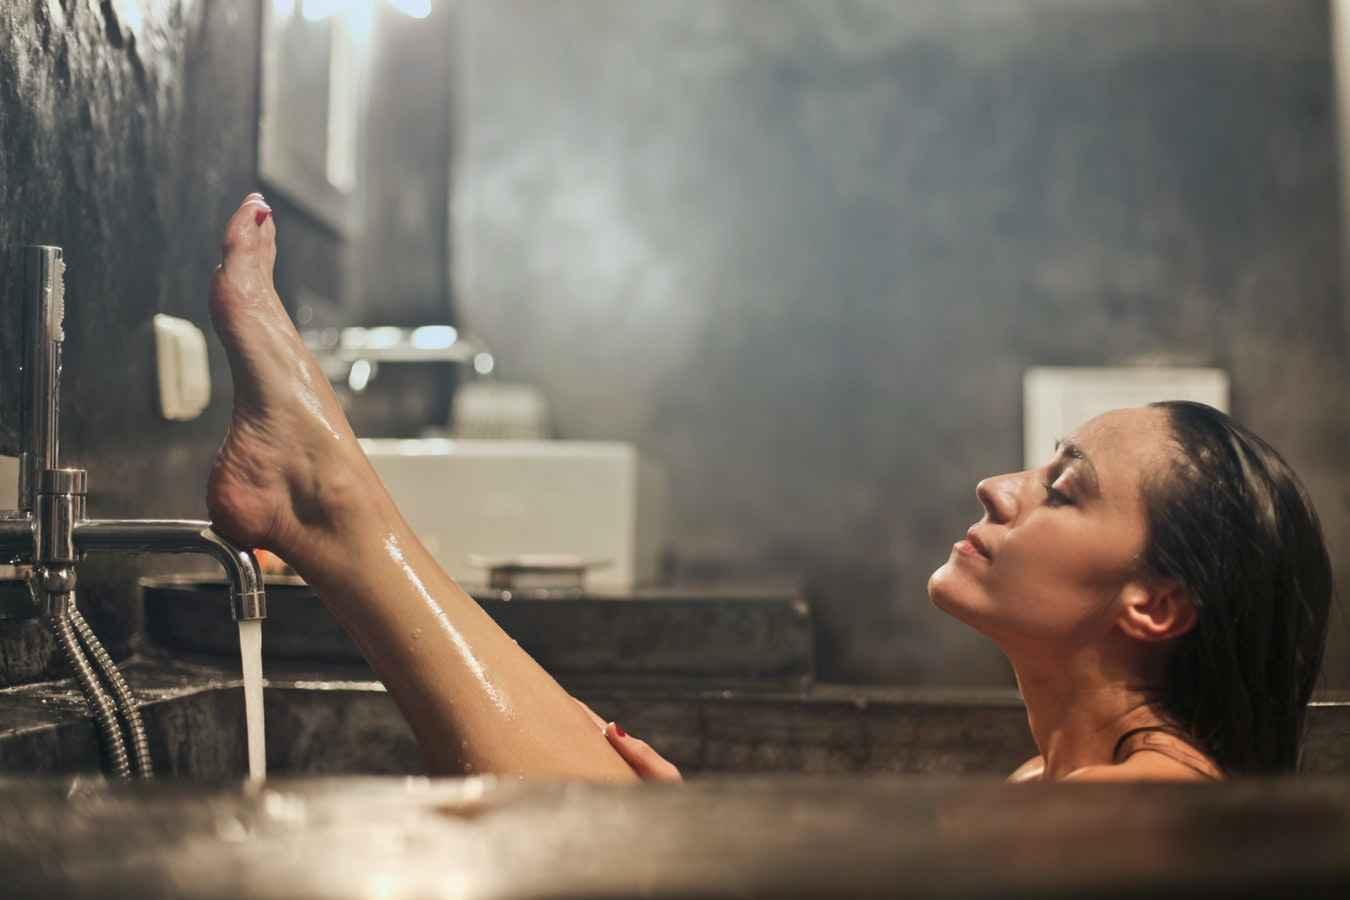 femme prenant un bain relaxant avant de se coucher